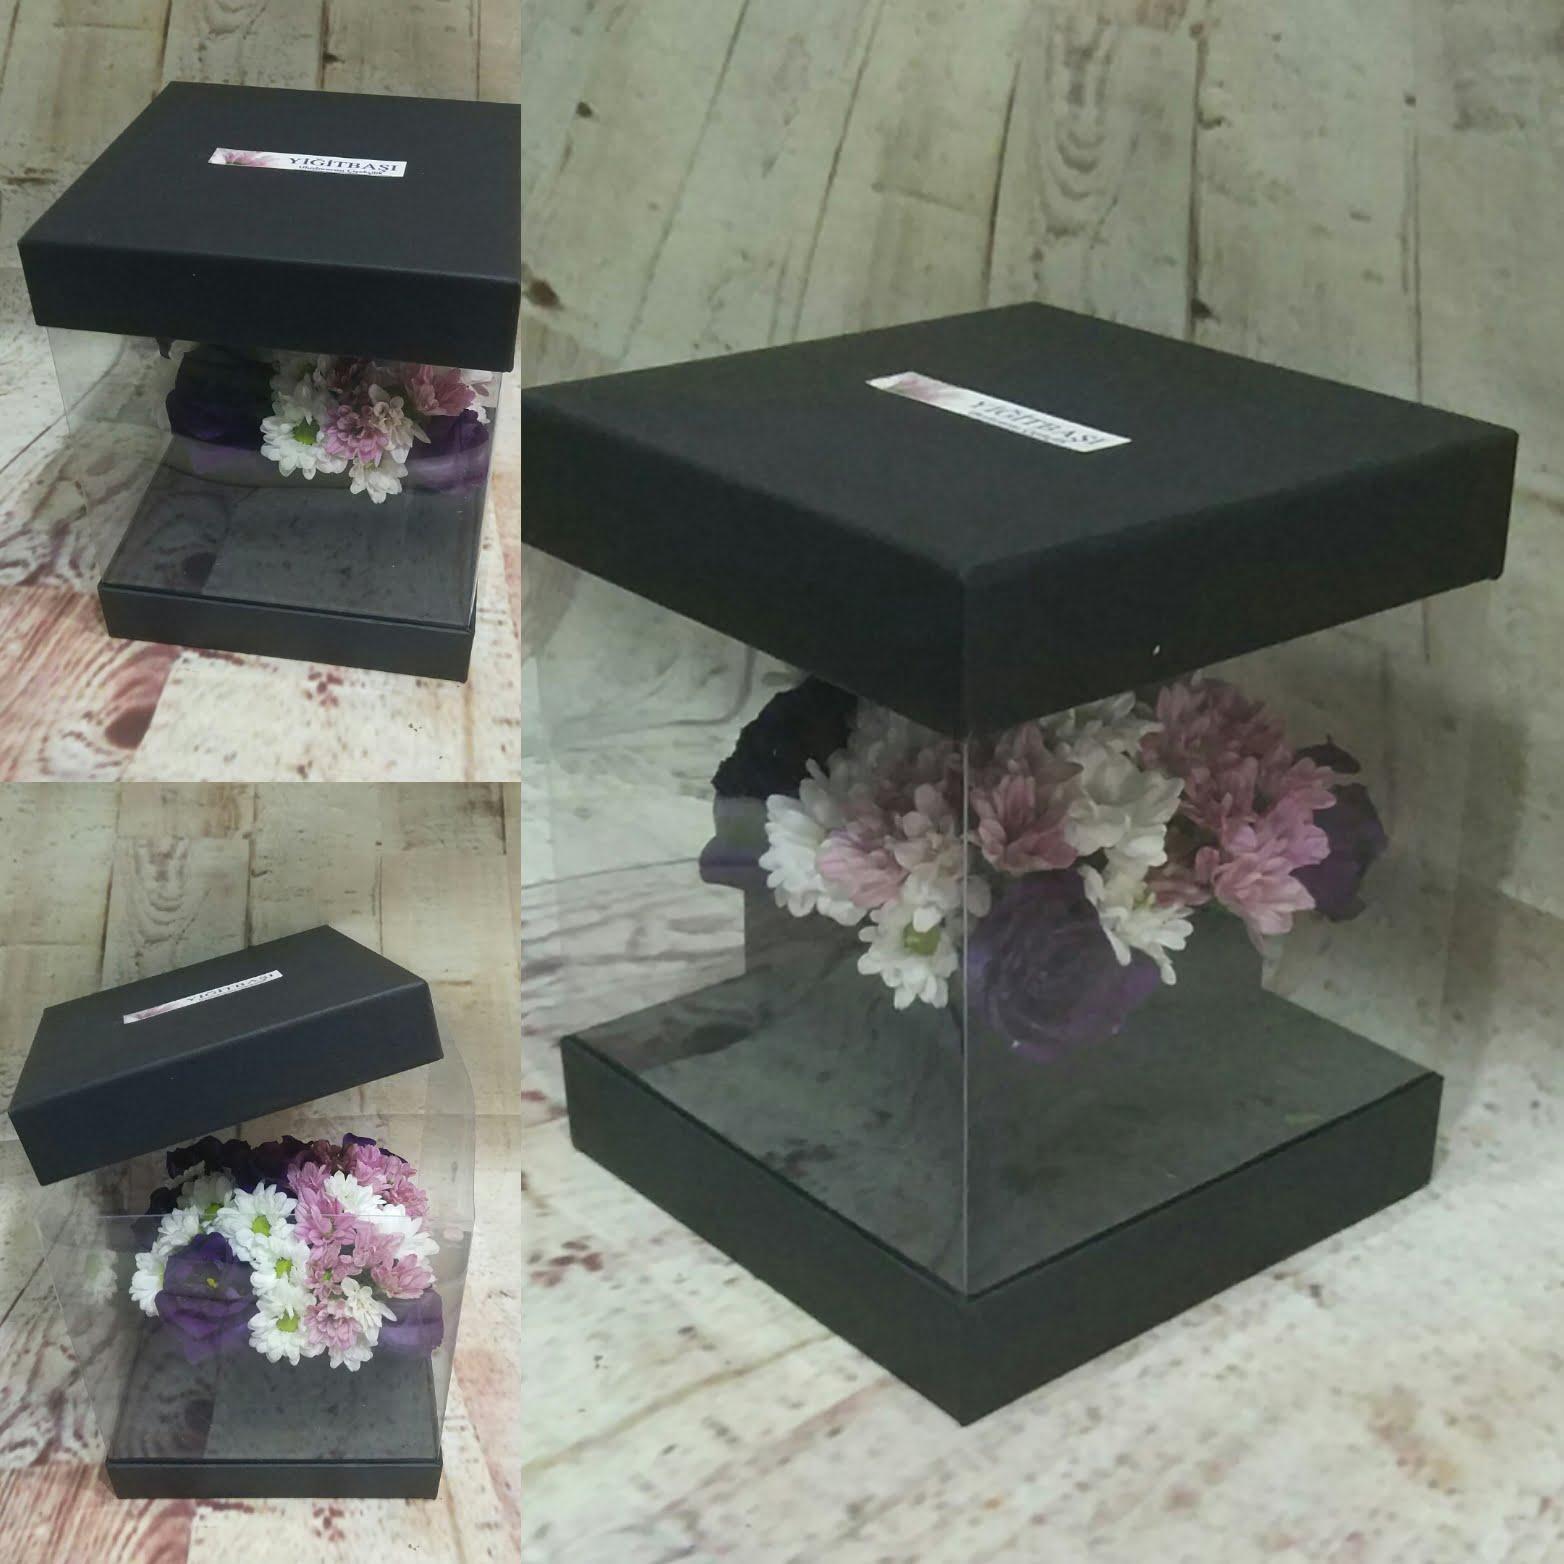 şeffaf kutuda renkli mevsim çiçekleri